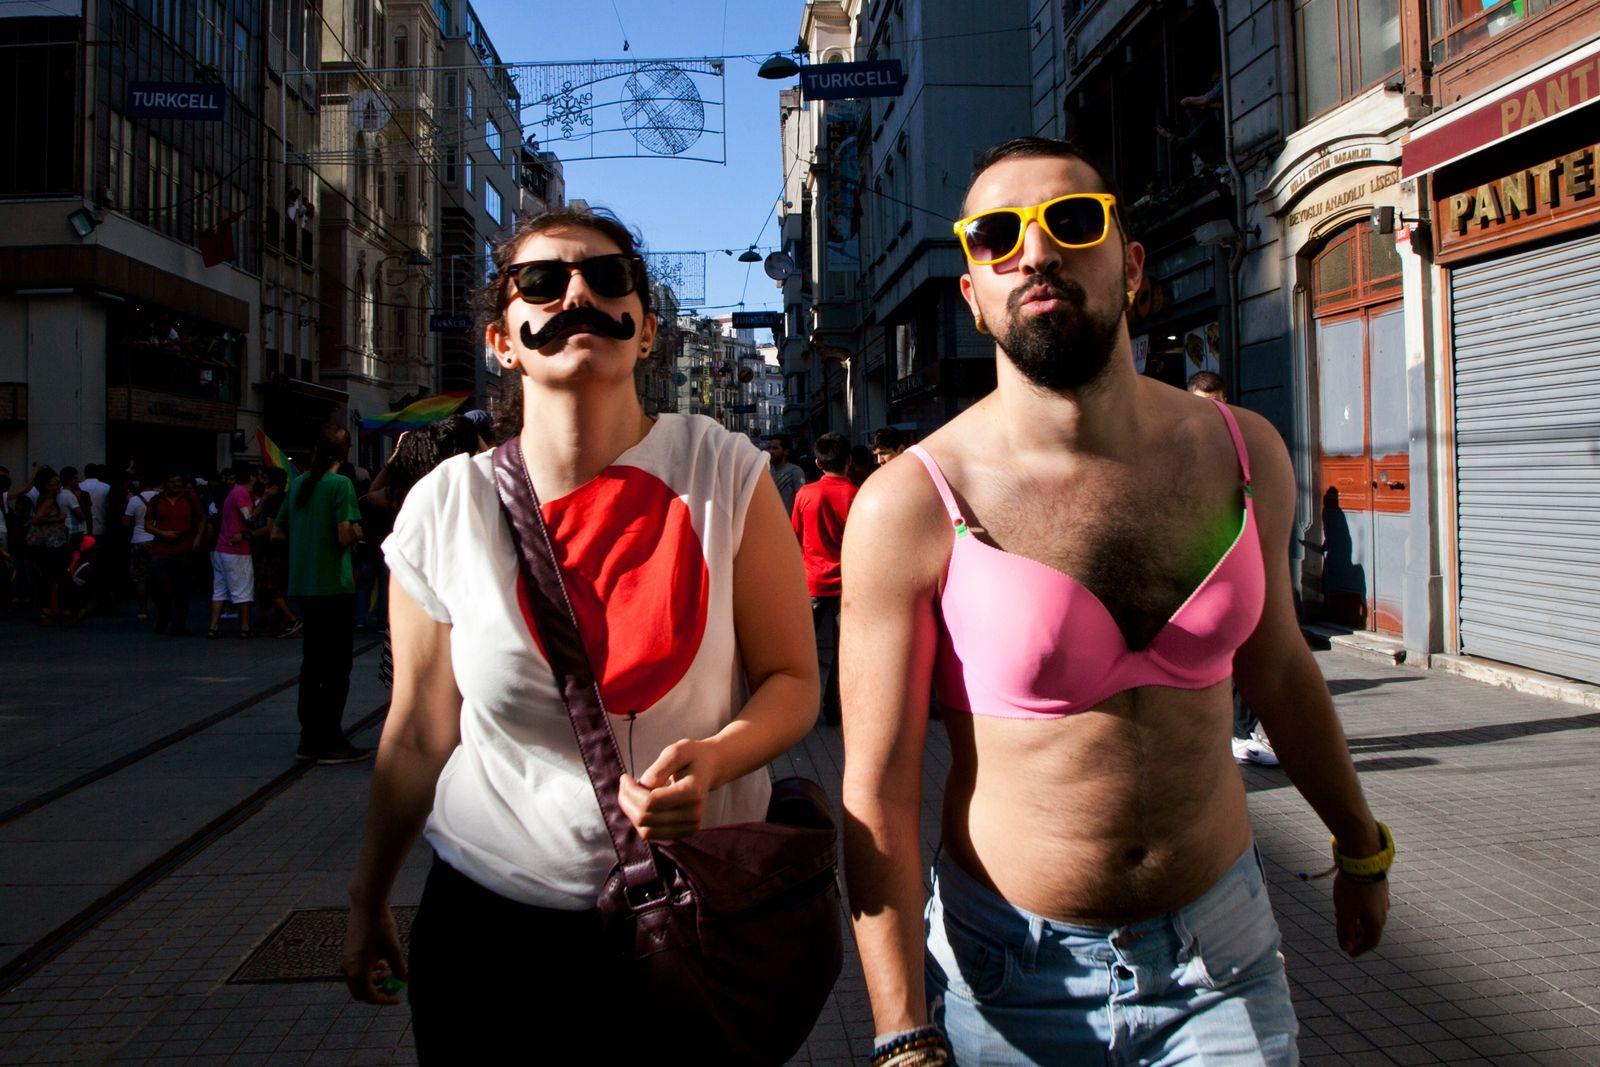 Gay Parade/Istanbul